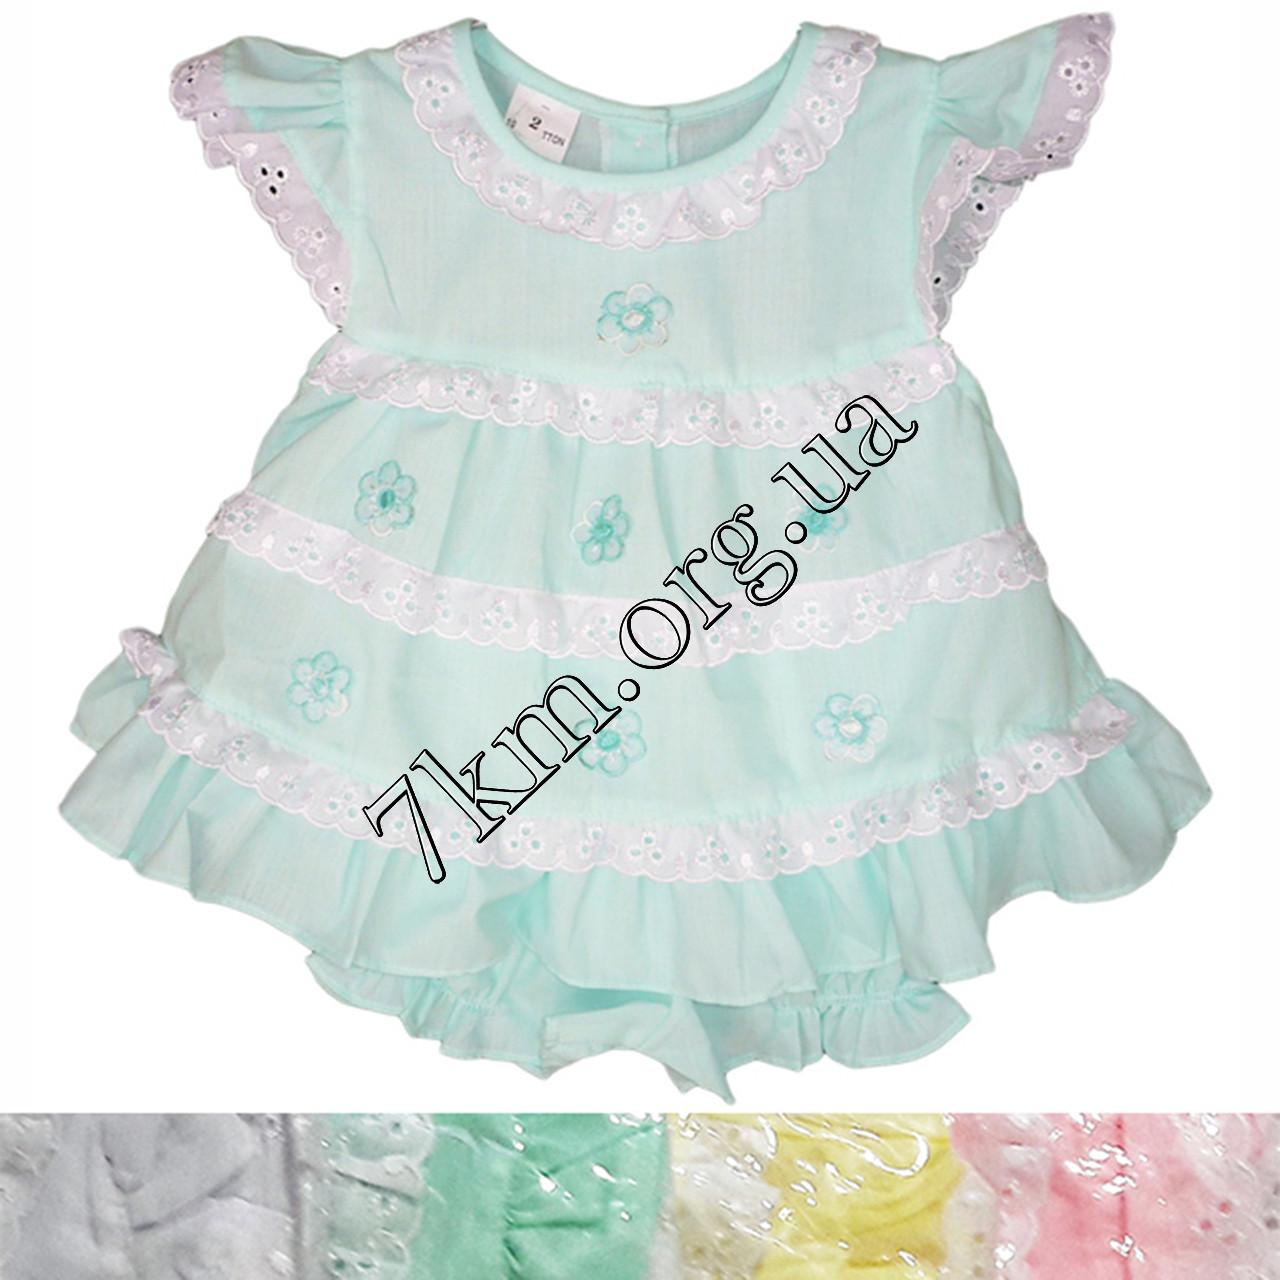 Платье с трусиками батист салатовое 6-18 месяцев Оптом 020516